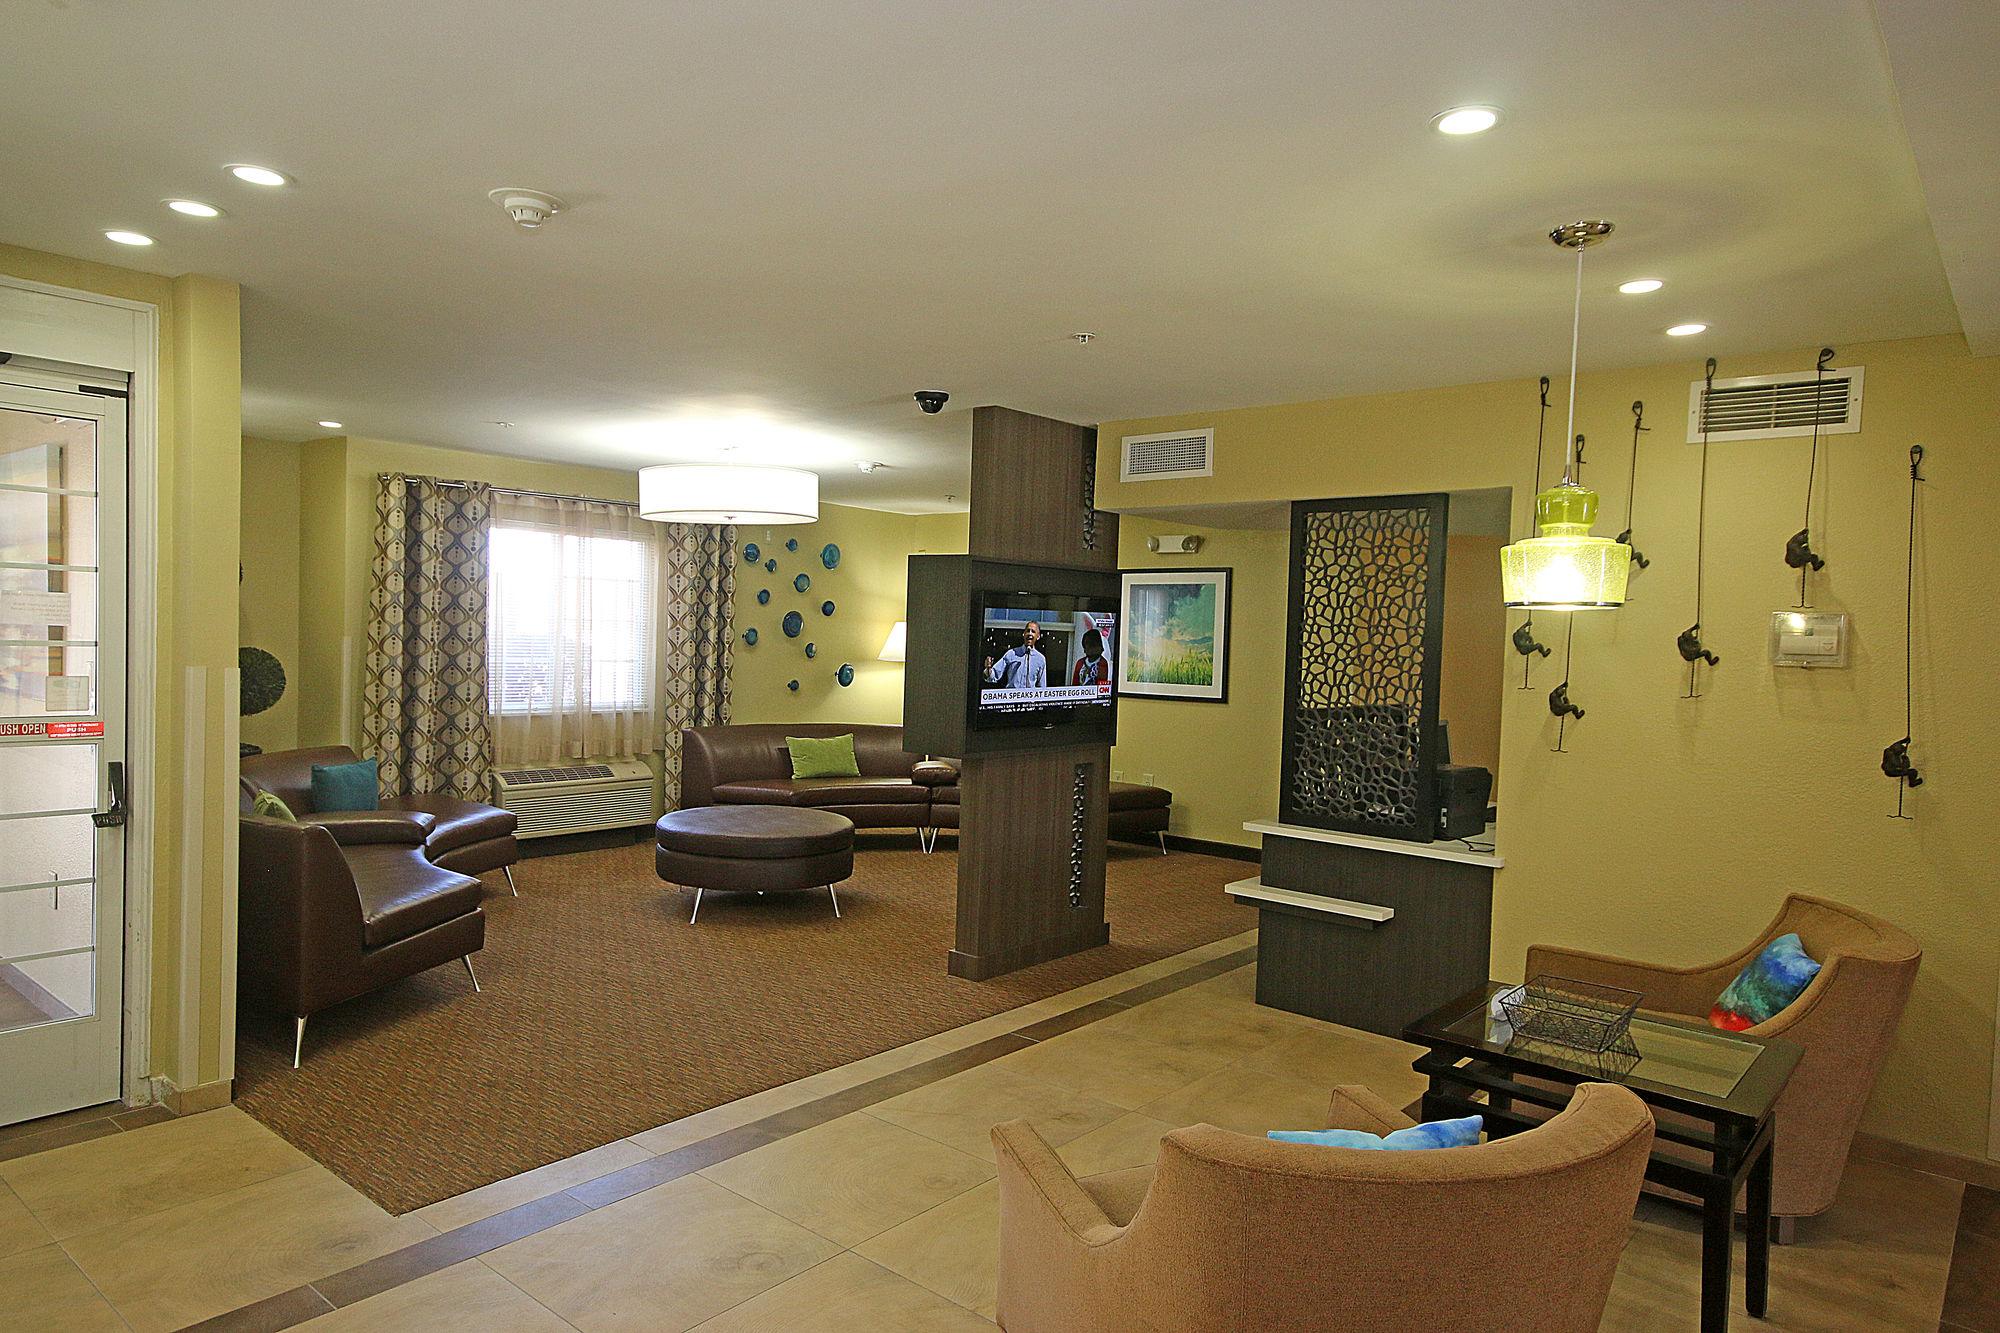 Candlewood Suites Newport News/Yorktown in Yorktown, VA